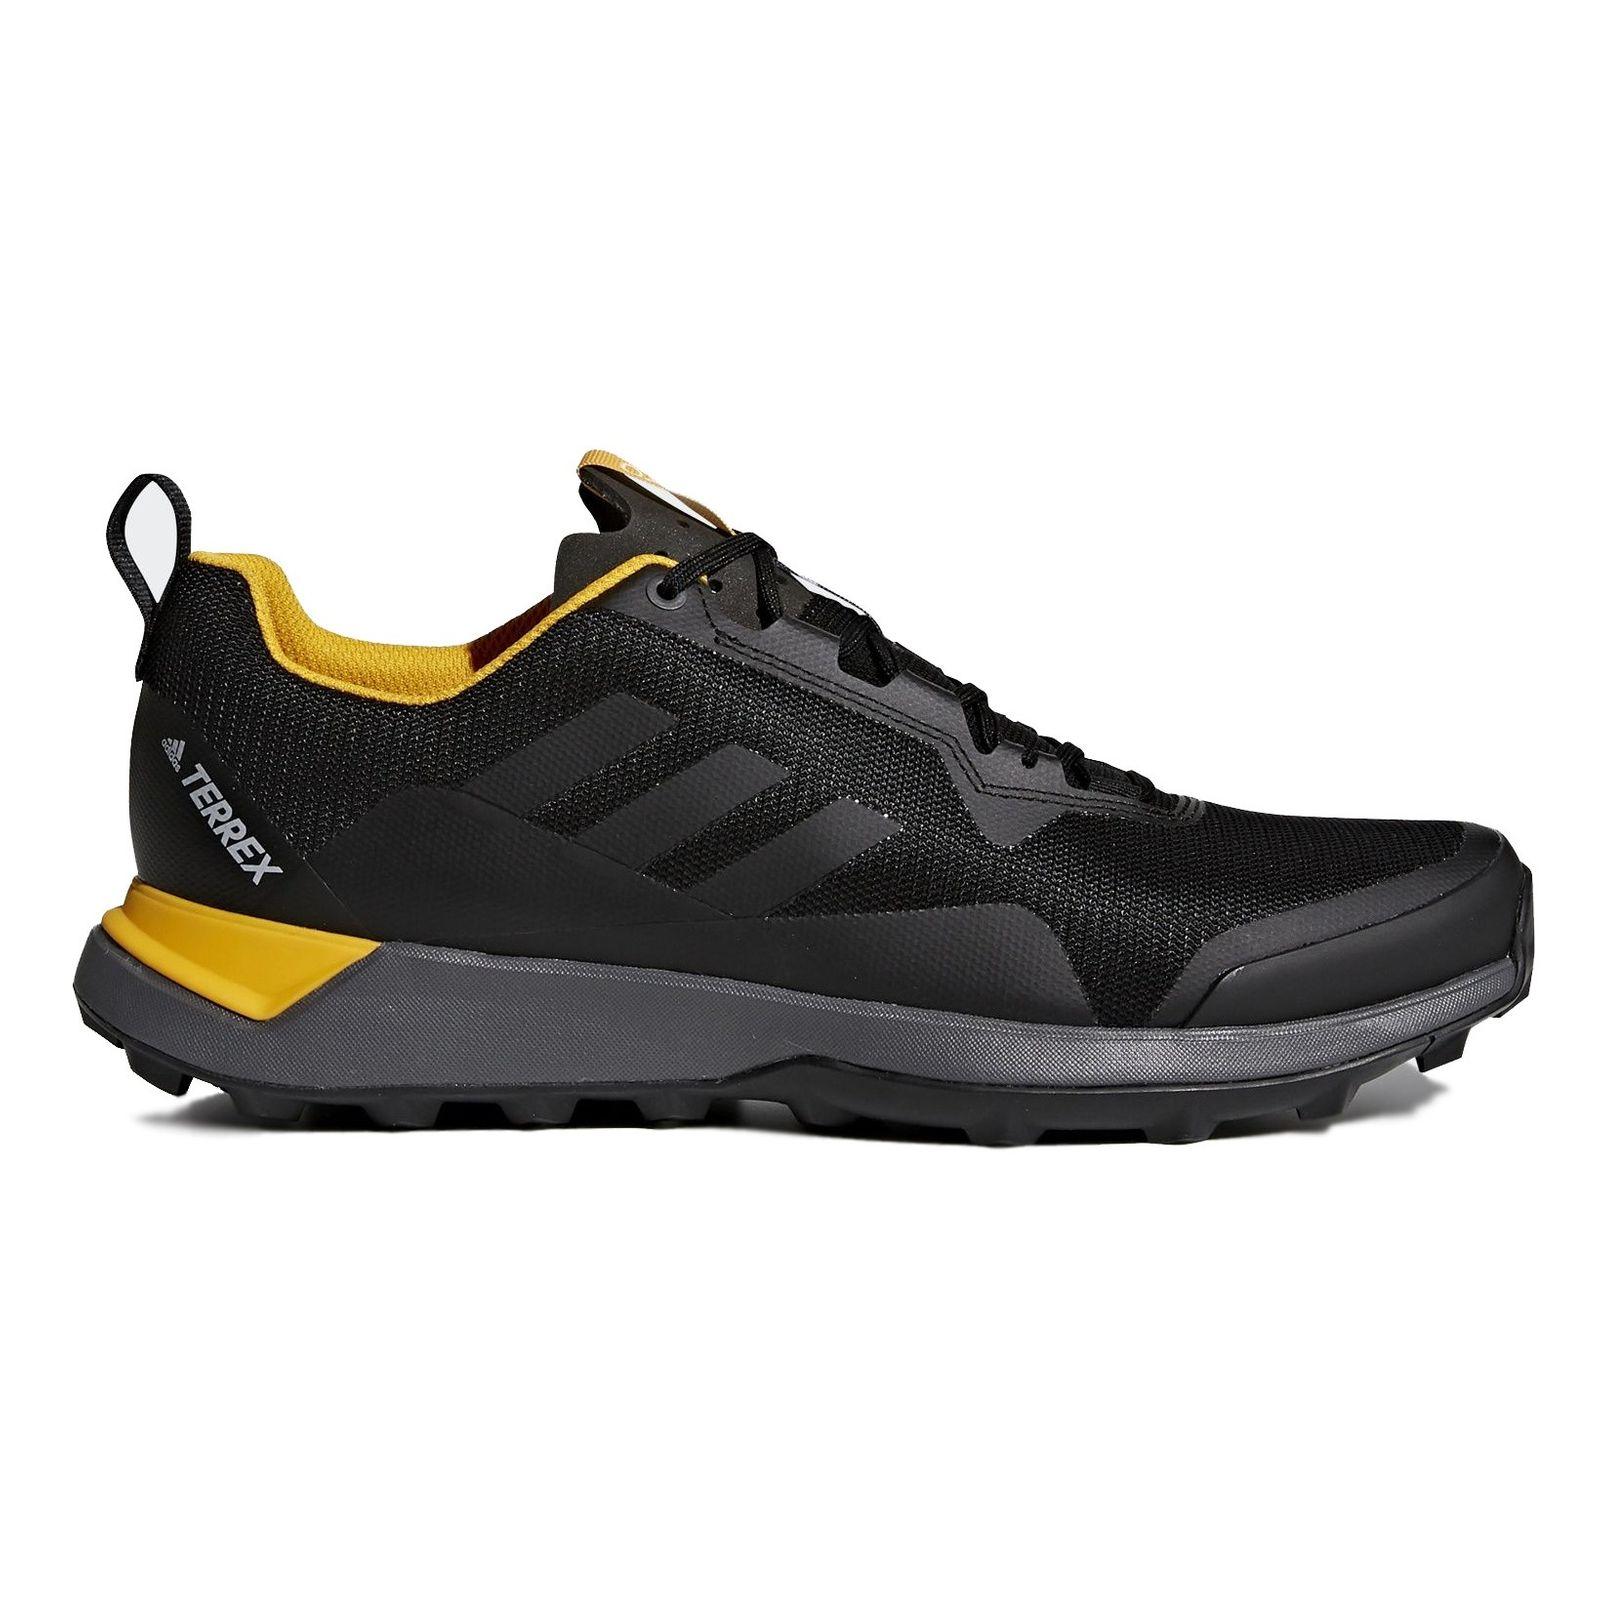 کفش طبیعت گردی بندی مردانه Terrex CMTK - آدیداس - مشکي و نارنجي - 1